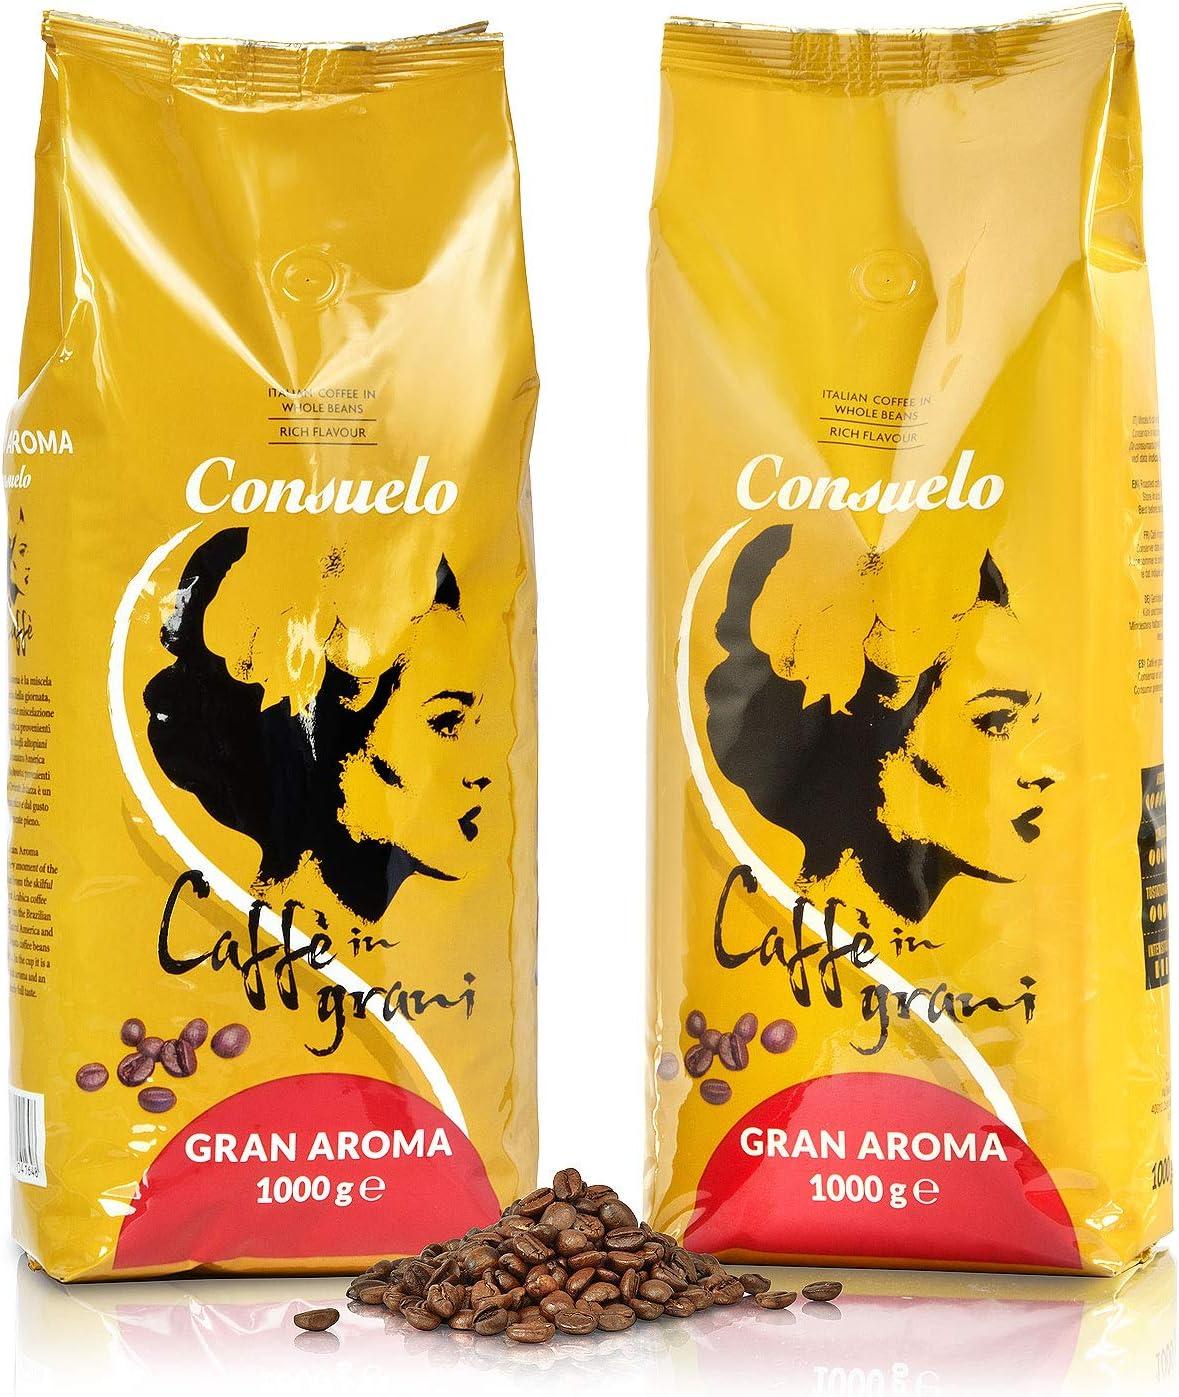 Consuelo Gran Aroma Café en grano italiano, 2 x 1kg: Amazon.es ...